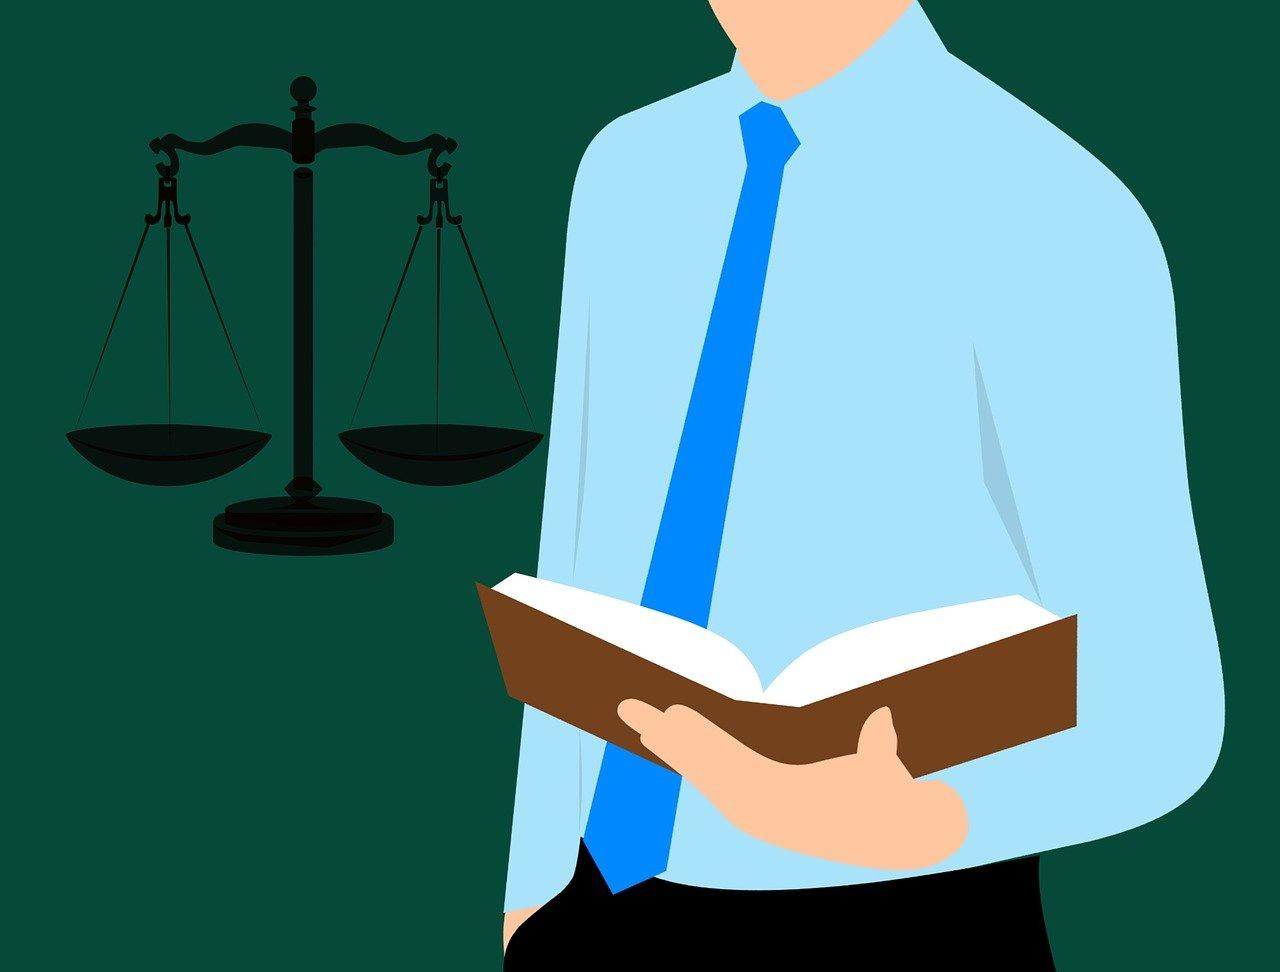 Student práv hledá informace v knize (Zdroj: Fotobanka Pixabay.com)